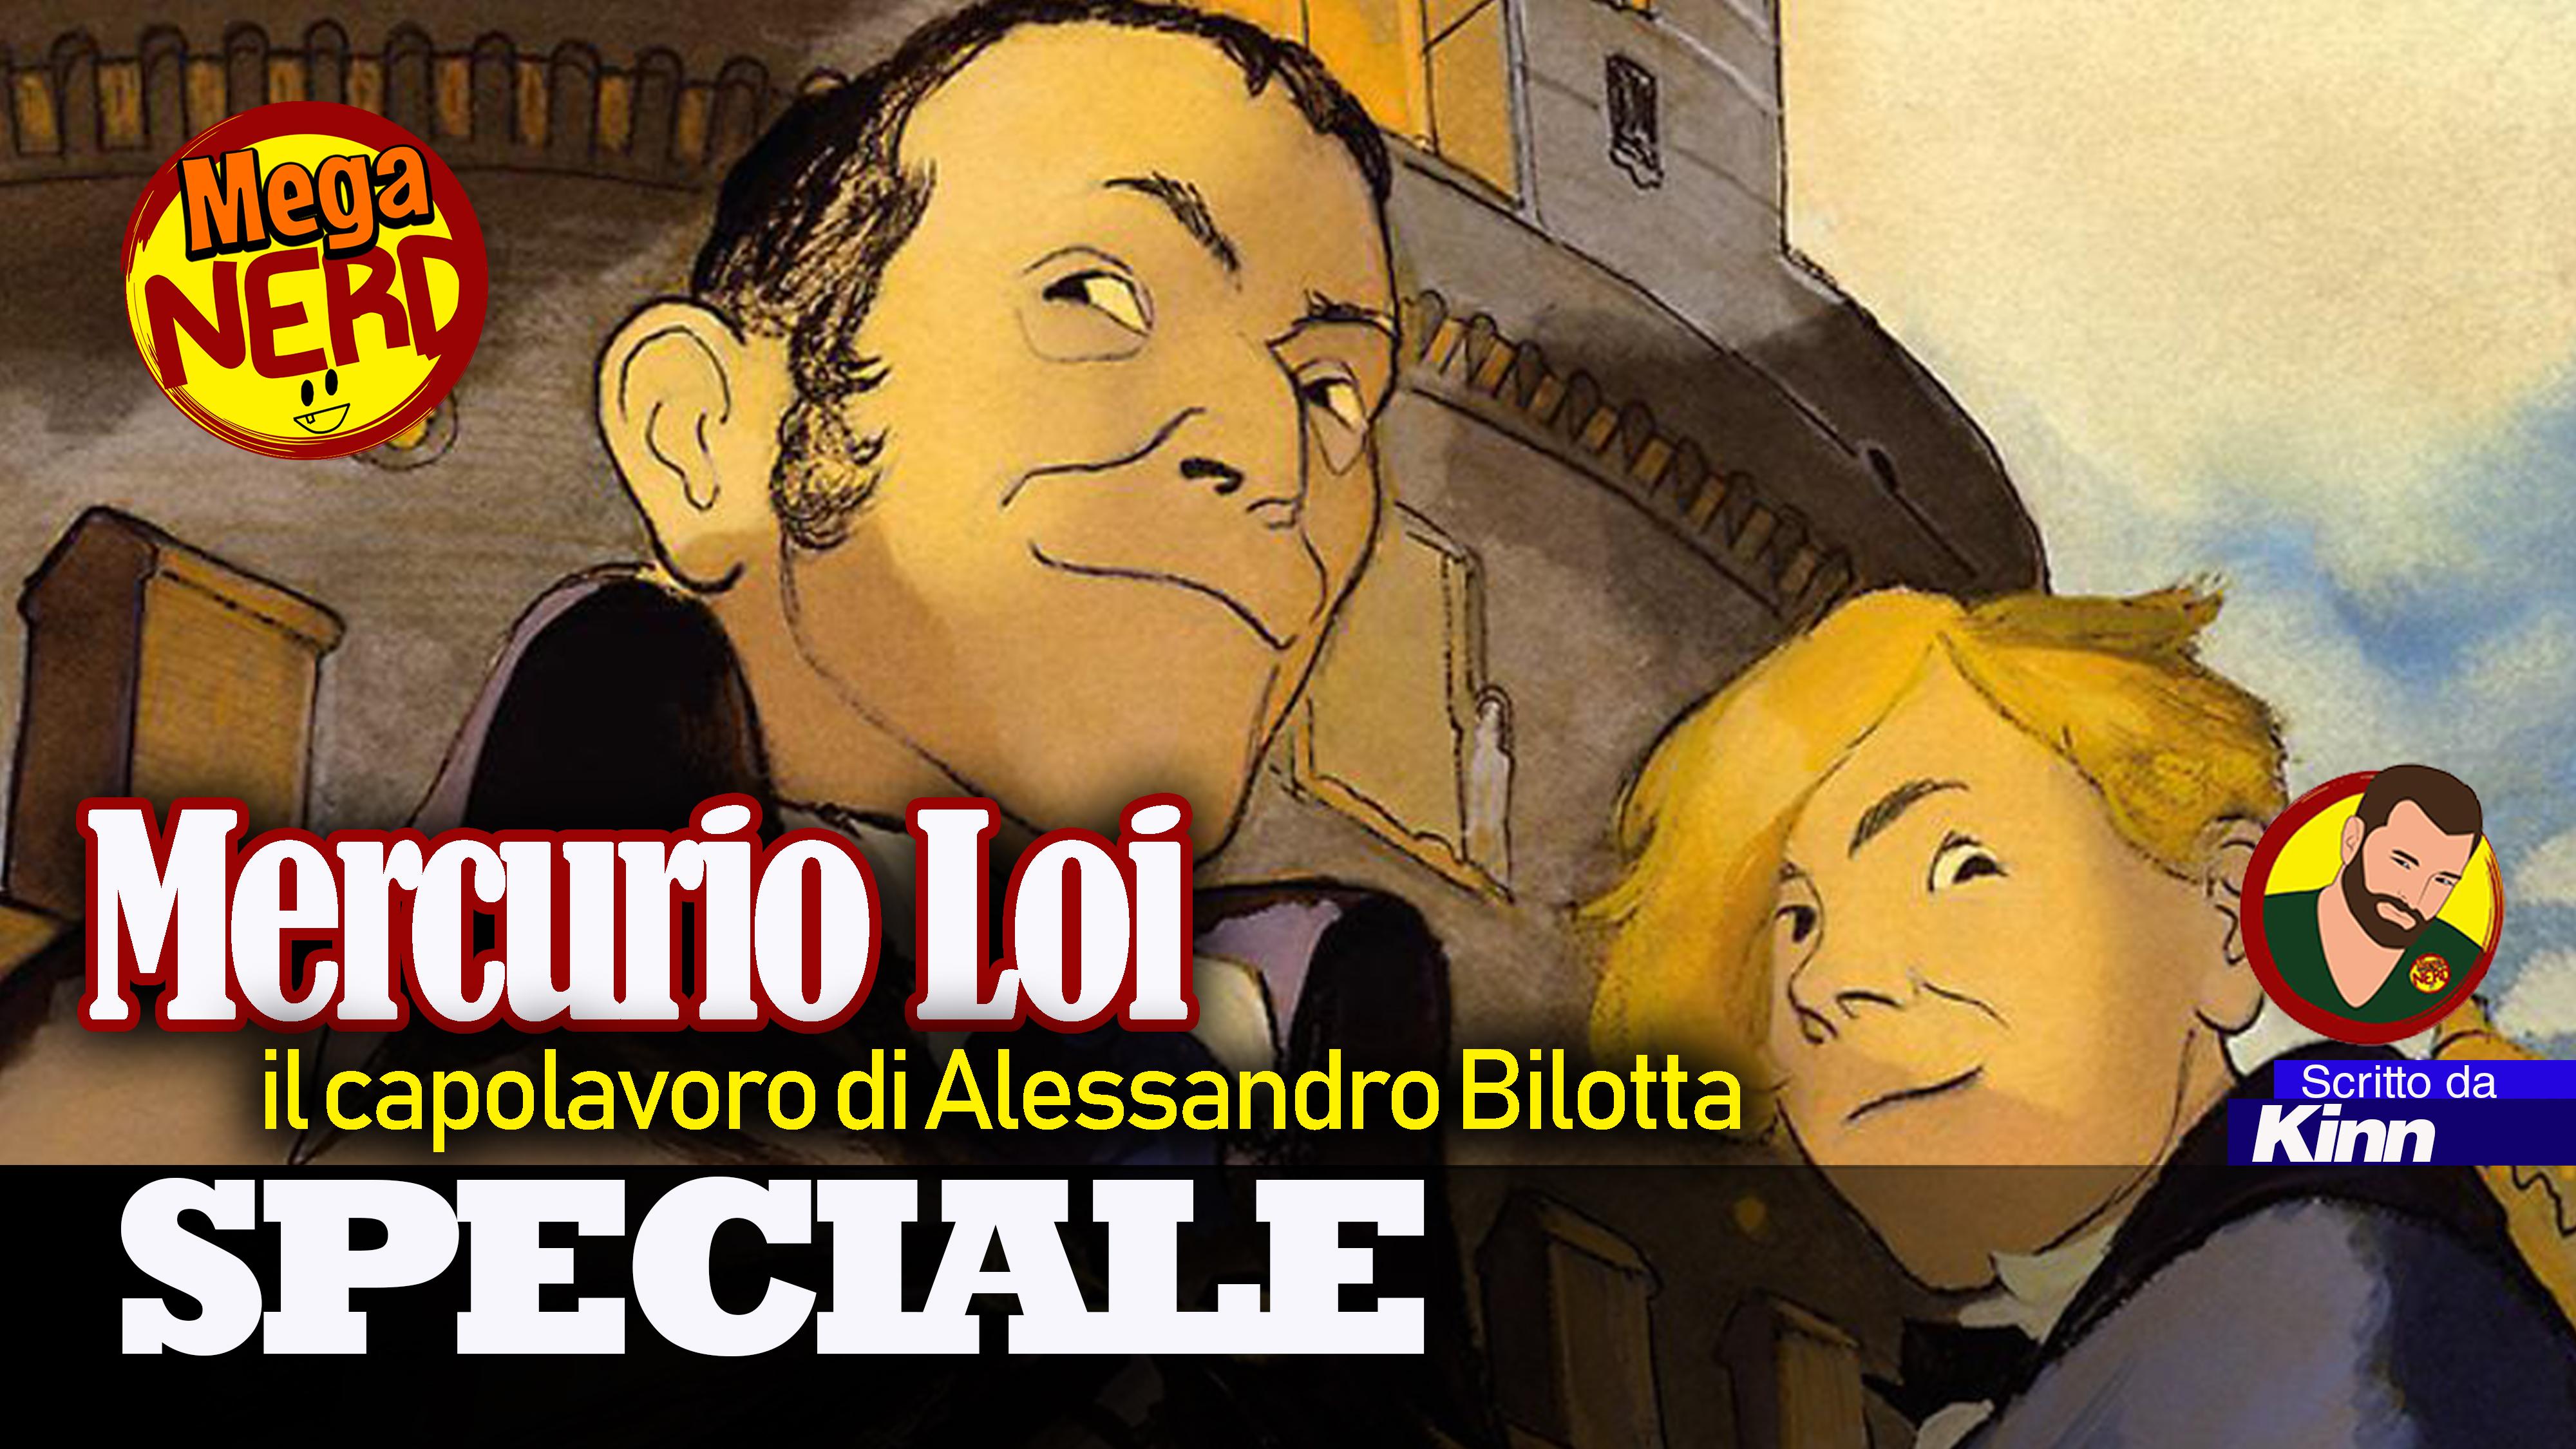 Mercurio Loi, il capolavoro di Alessandro Bilotta